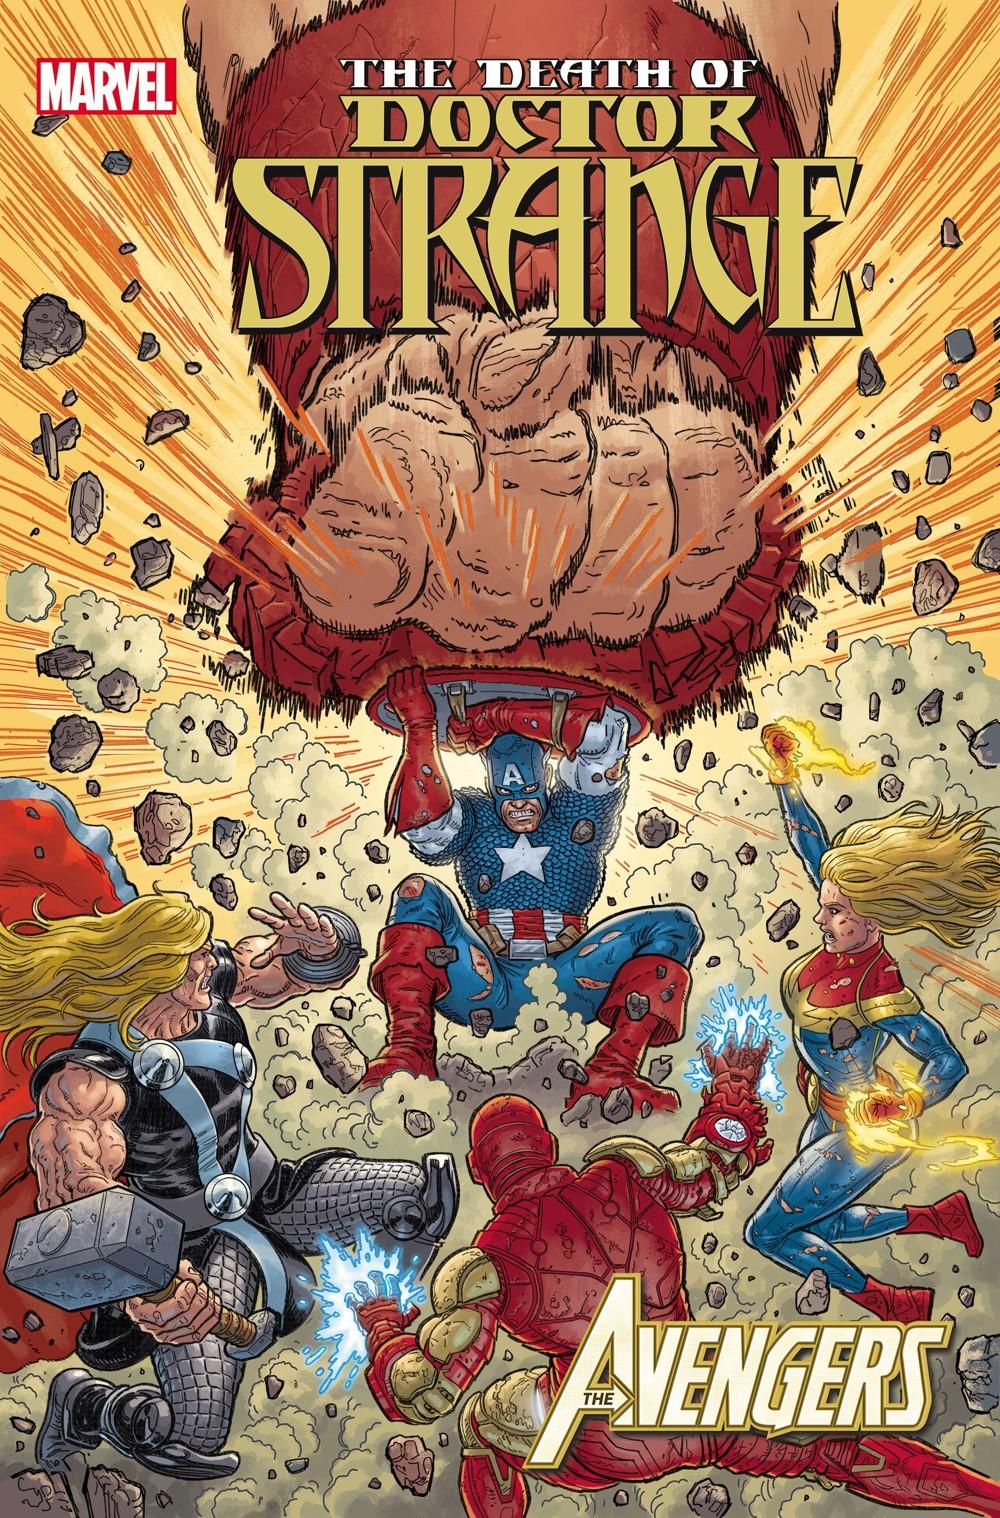 DRSDEATHAVEN2021001_cov-1 Marvel Comics October 2021 Solicitations